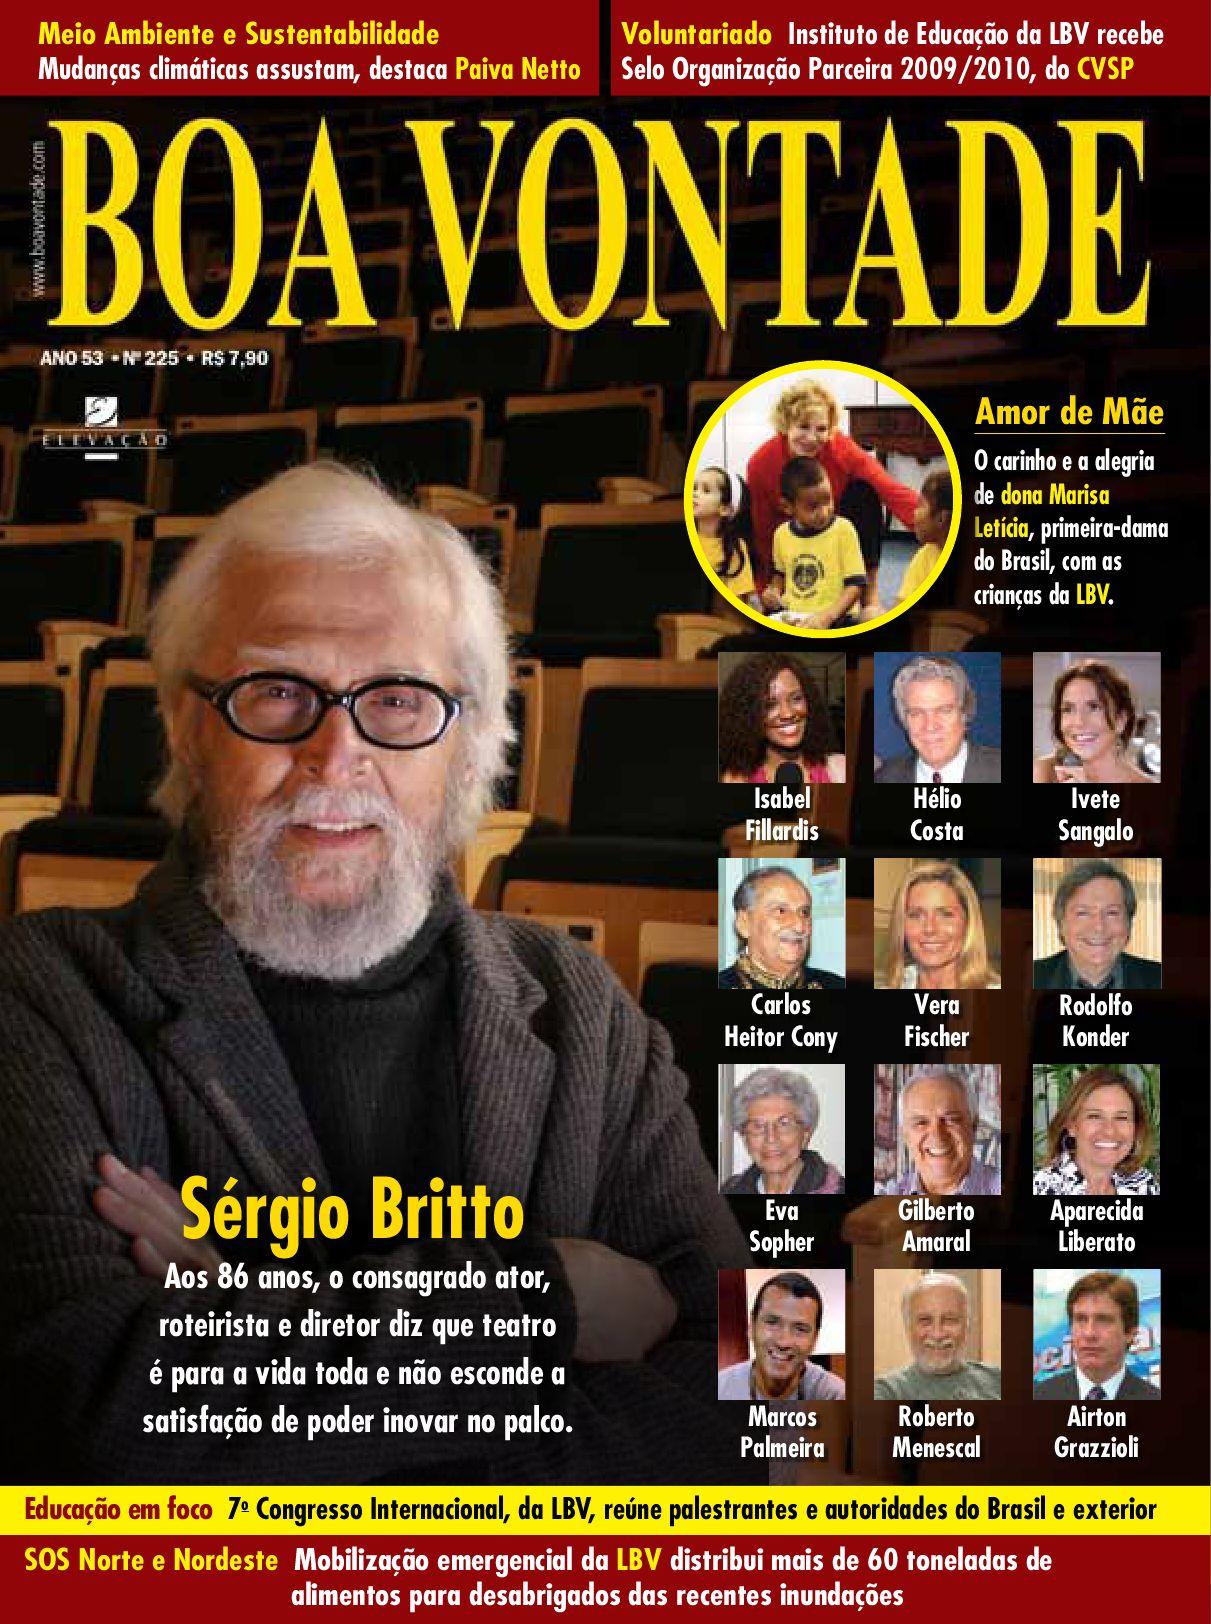 66e4e5f3f9b41 Revista Boa Vontade - Sérgio Britto by Portal Boa Vontade - issuu